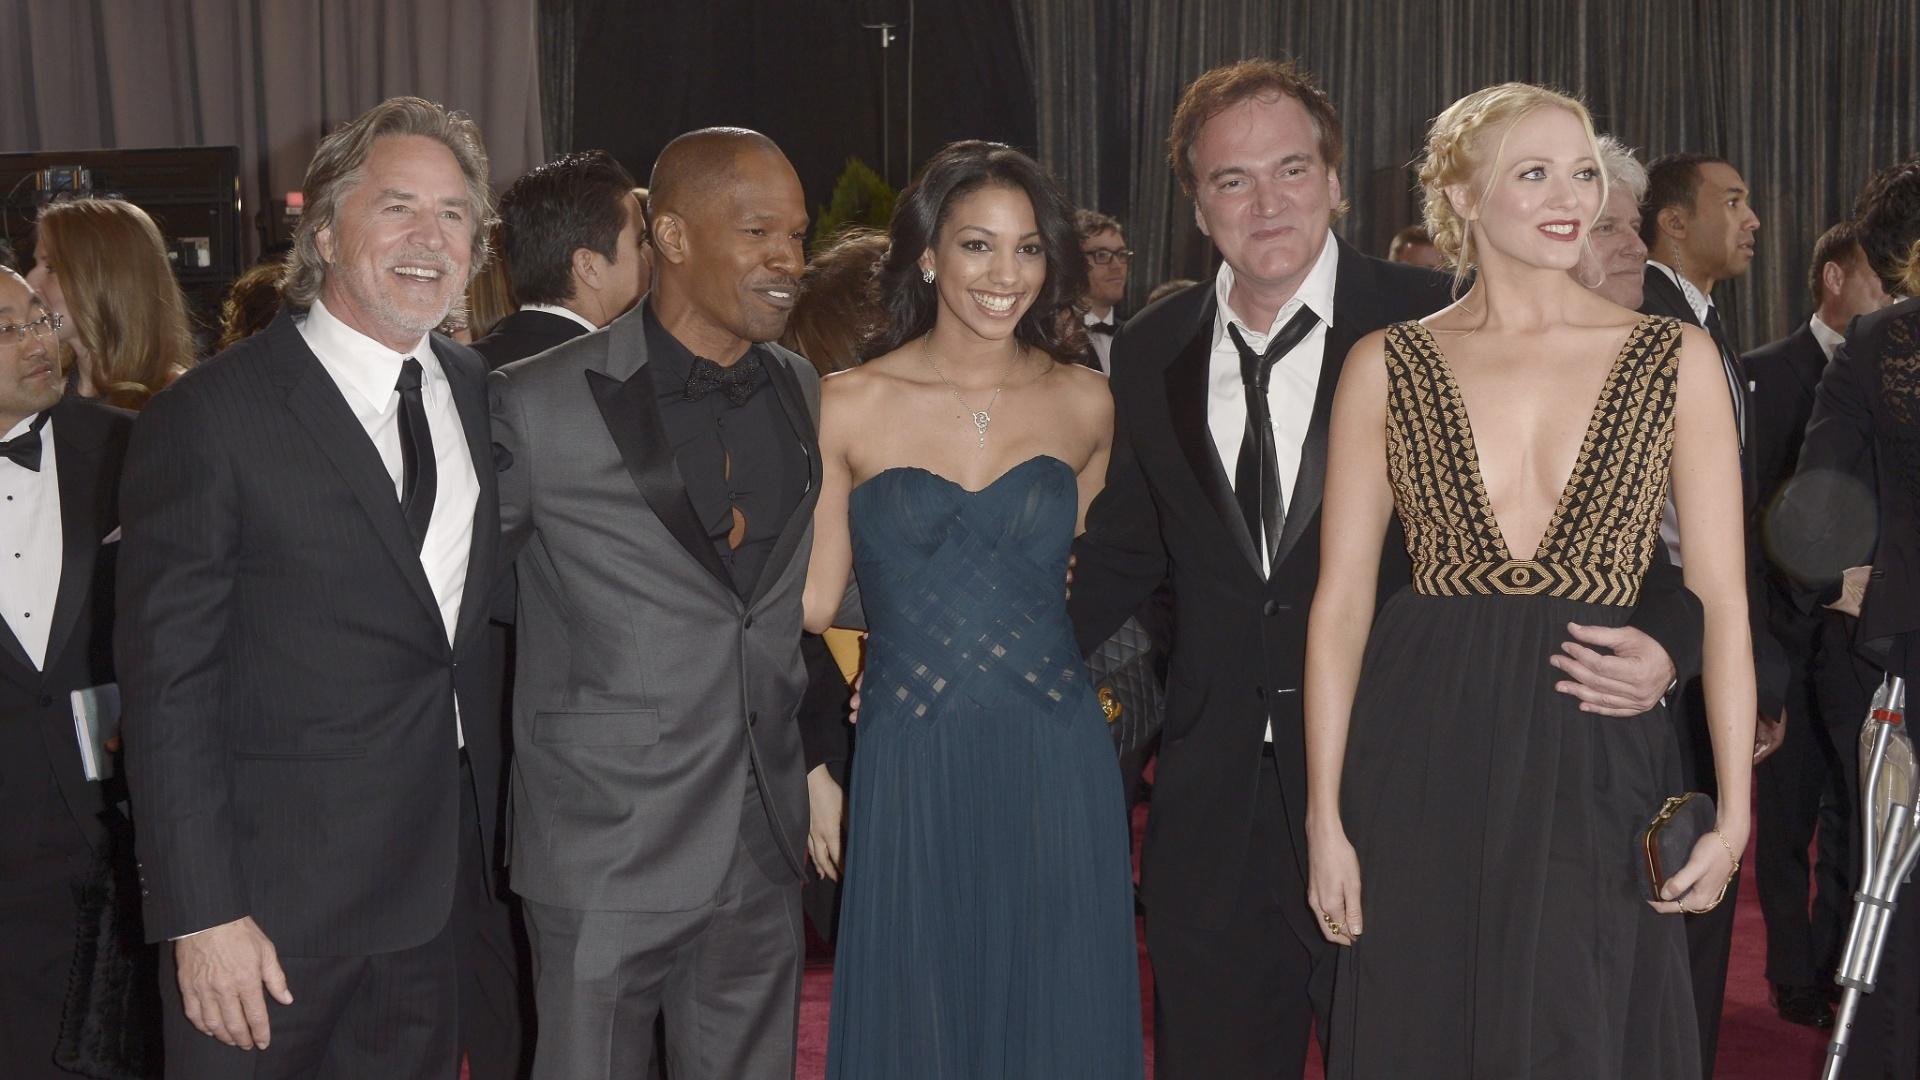 24.fev.2013 - Don Johnson, Jamie Foxx e sua filha Corinne Bishop, Quentin Tarentino e a escritora Lianne Spiderbaby posam no tapete vermelho